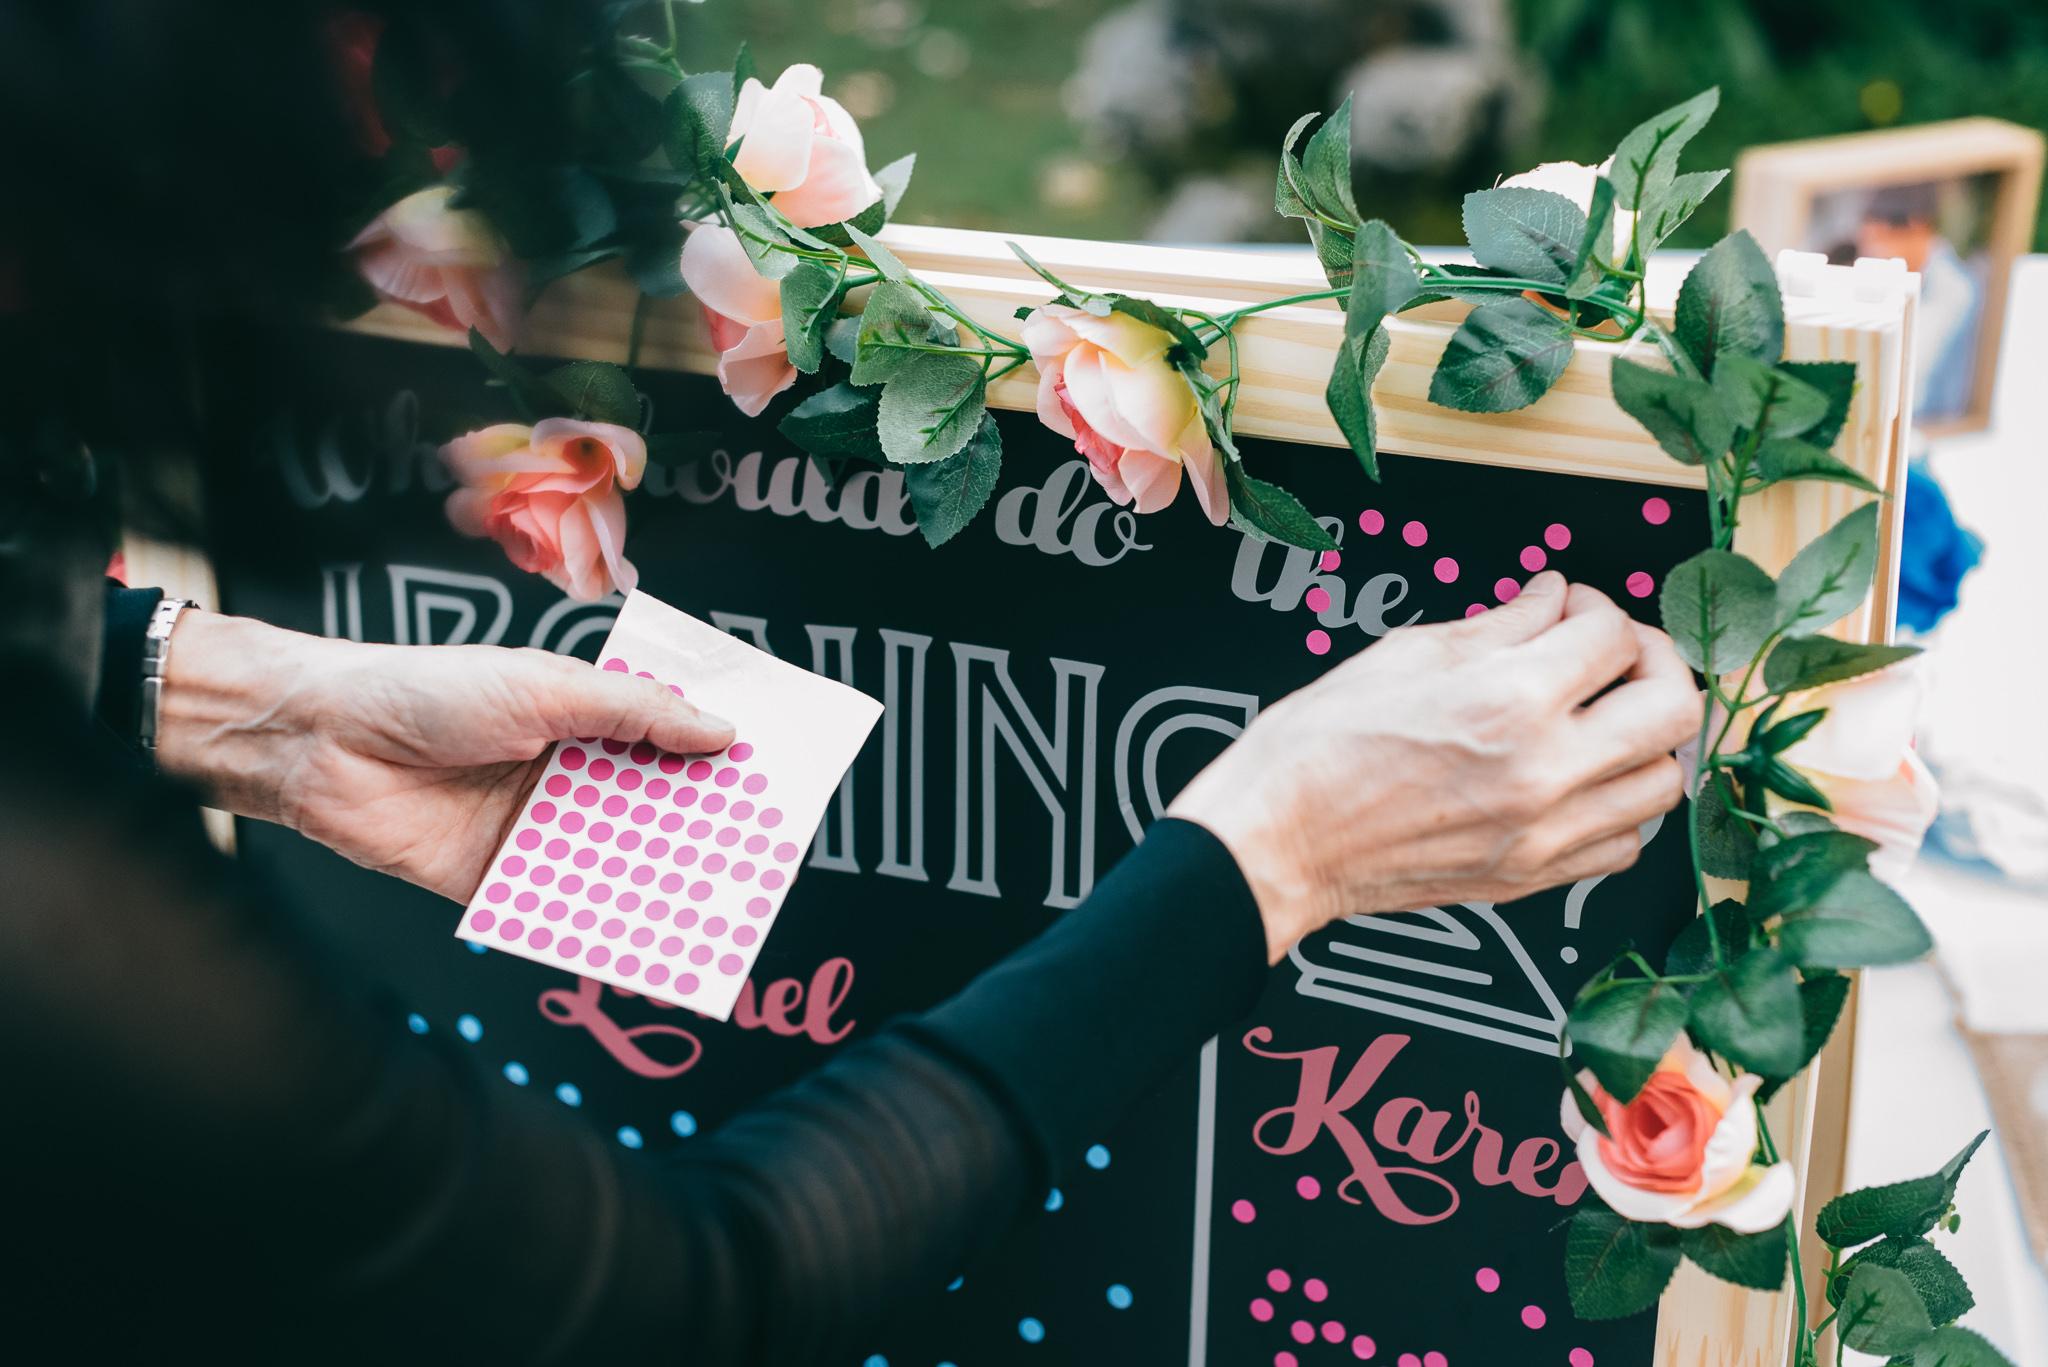 Lionel & Karen Wedding Day Highlights (resized for sharing) - 142.jpg